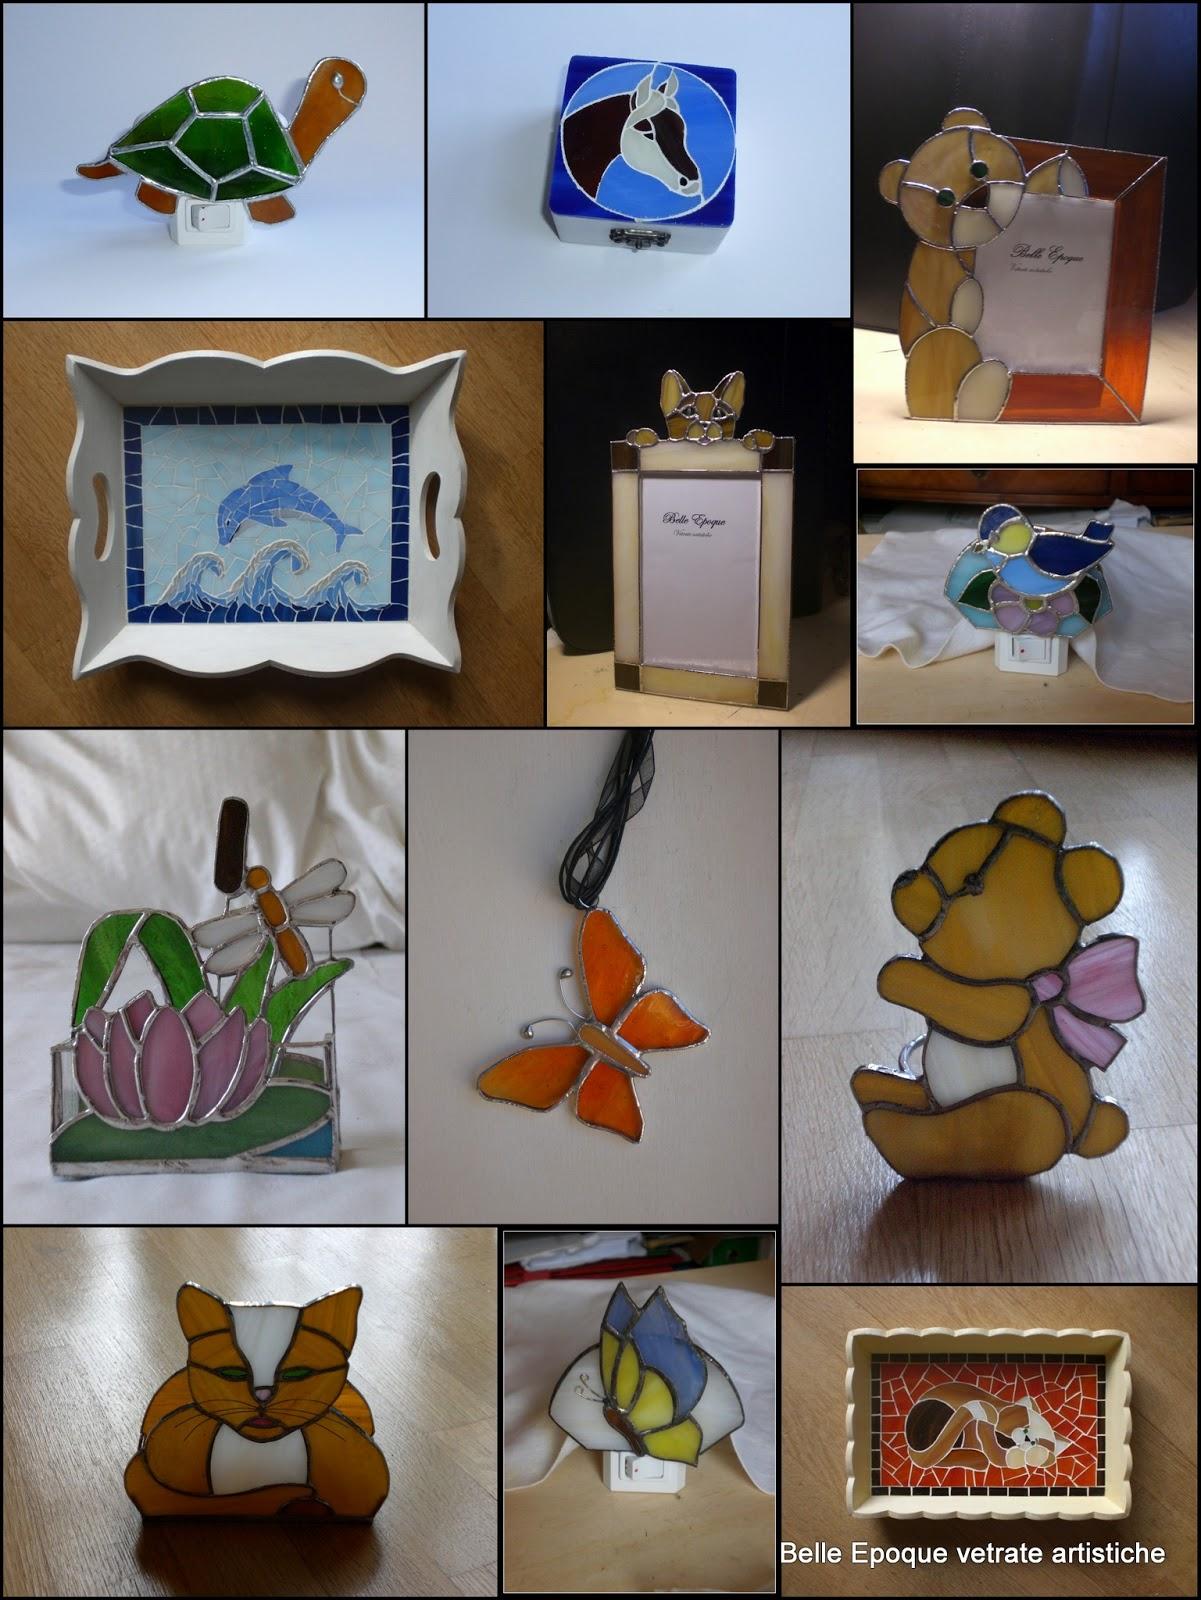 Vetrate artistiche belle epoque animali da compagnia for Le piu belle lampade da tavolo